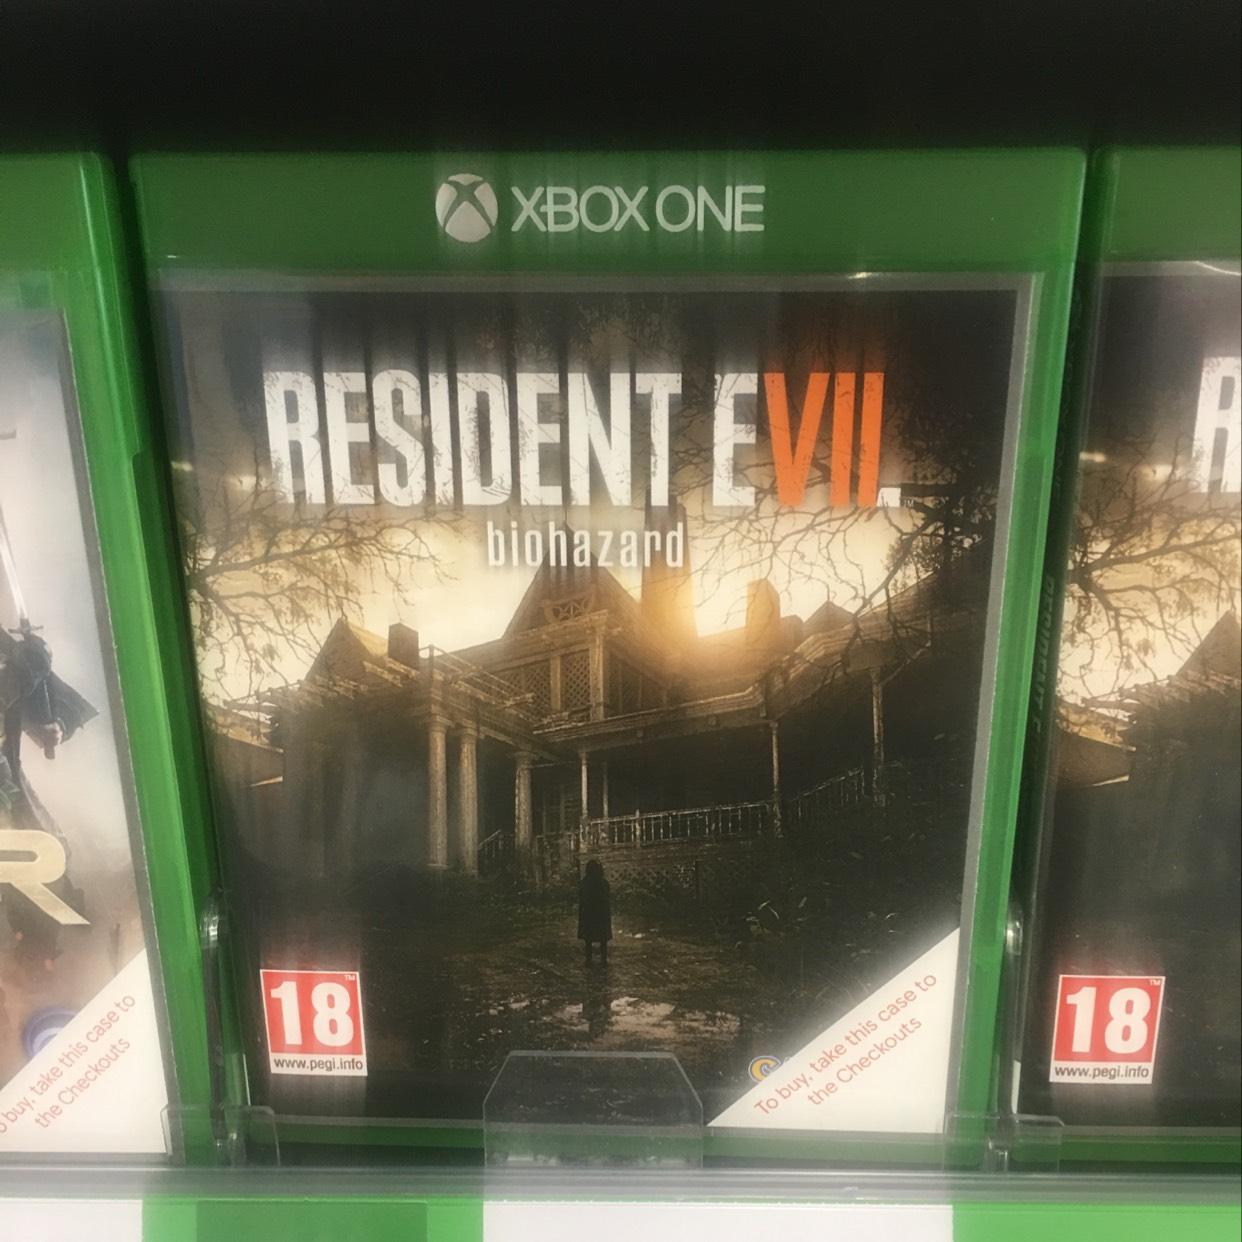 Resident evil 7 £15 @ Tesco - Linwood